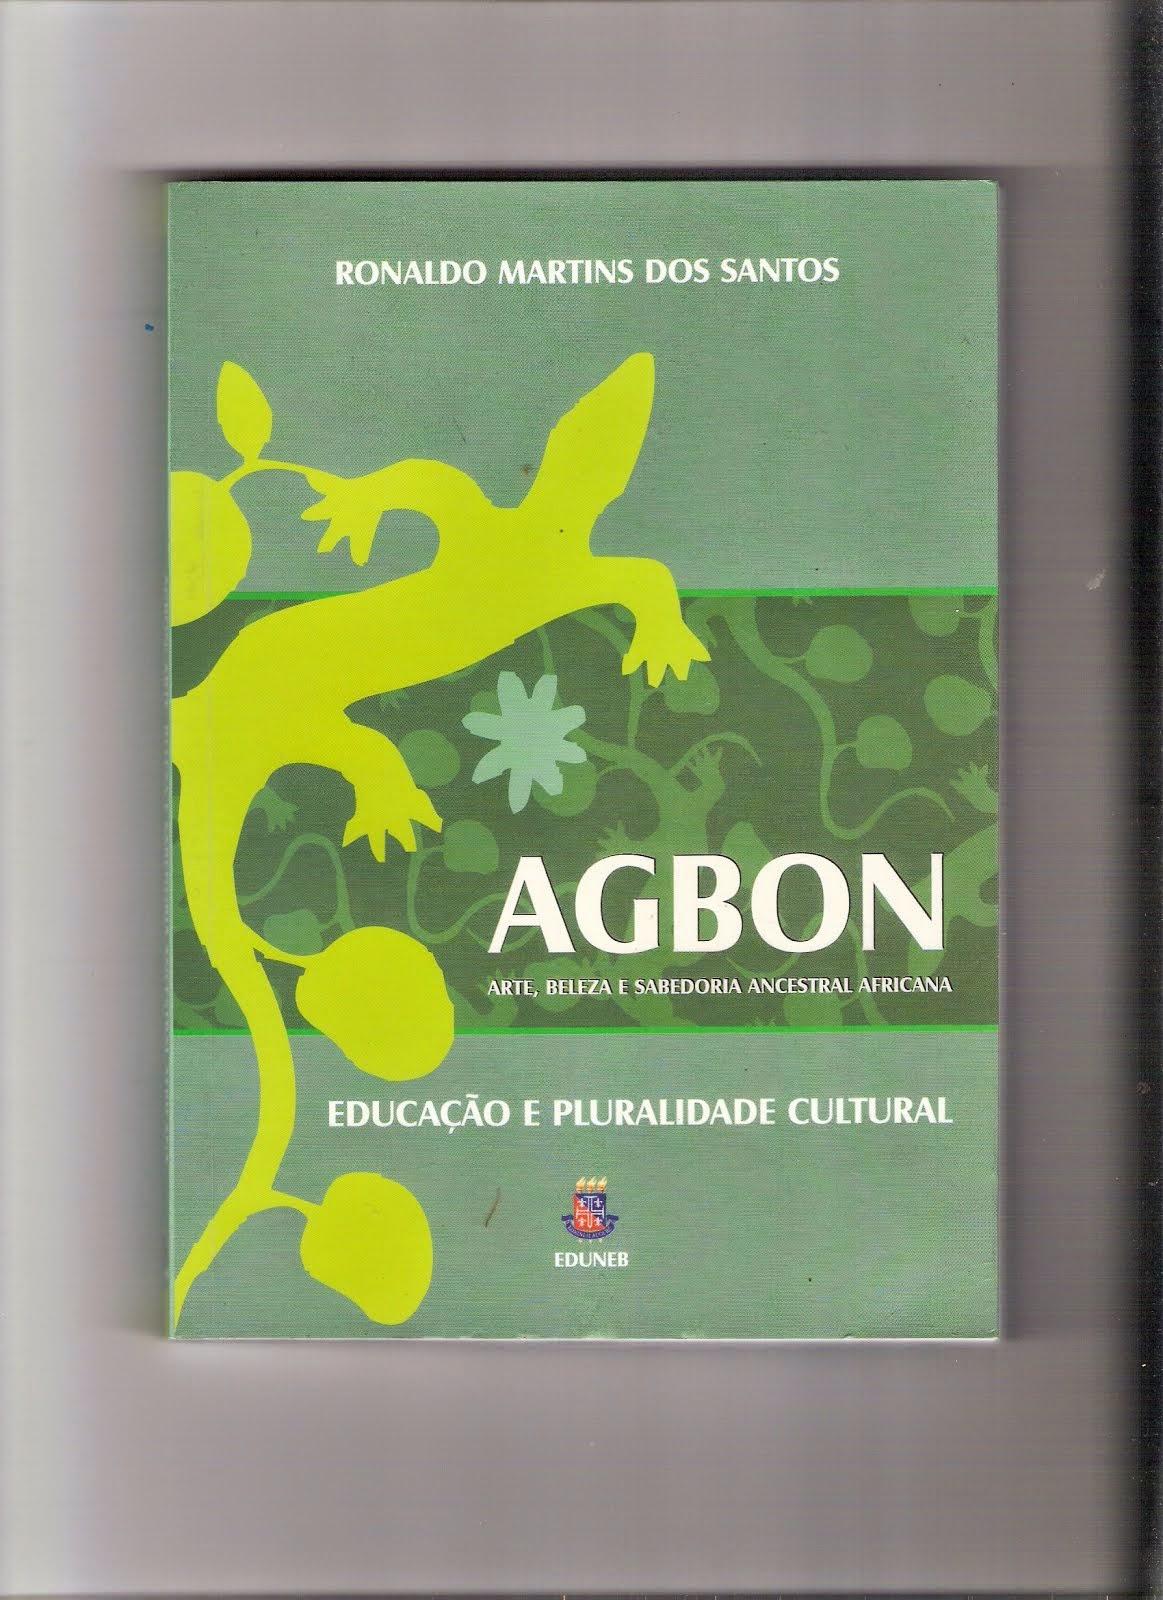 BLOG DA ACRA INDICA: Livro AGBON - ARTE, BELEZA E SABEDORIA ANCESTRAL AFRICANA